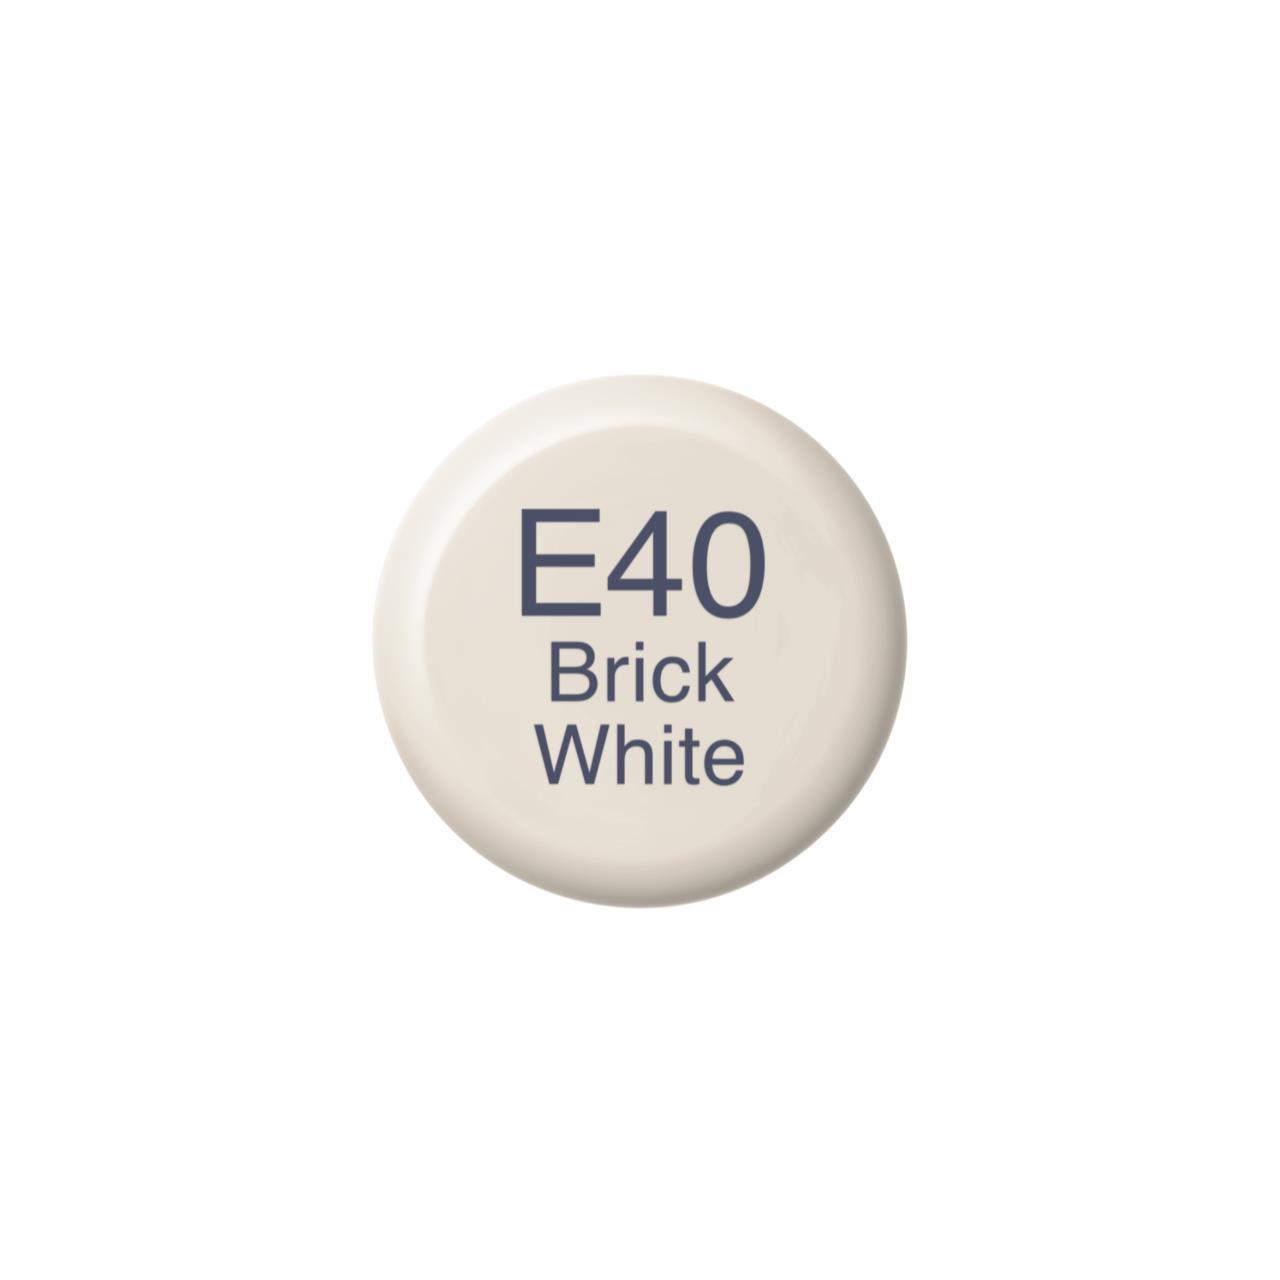 E40 Brick White, Copic Ink - 4511338056851